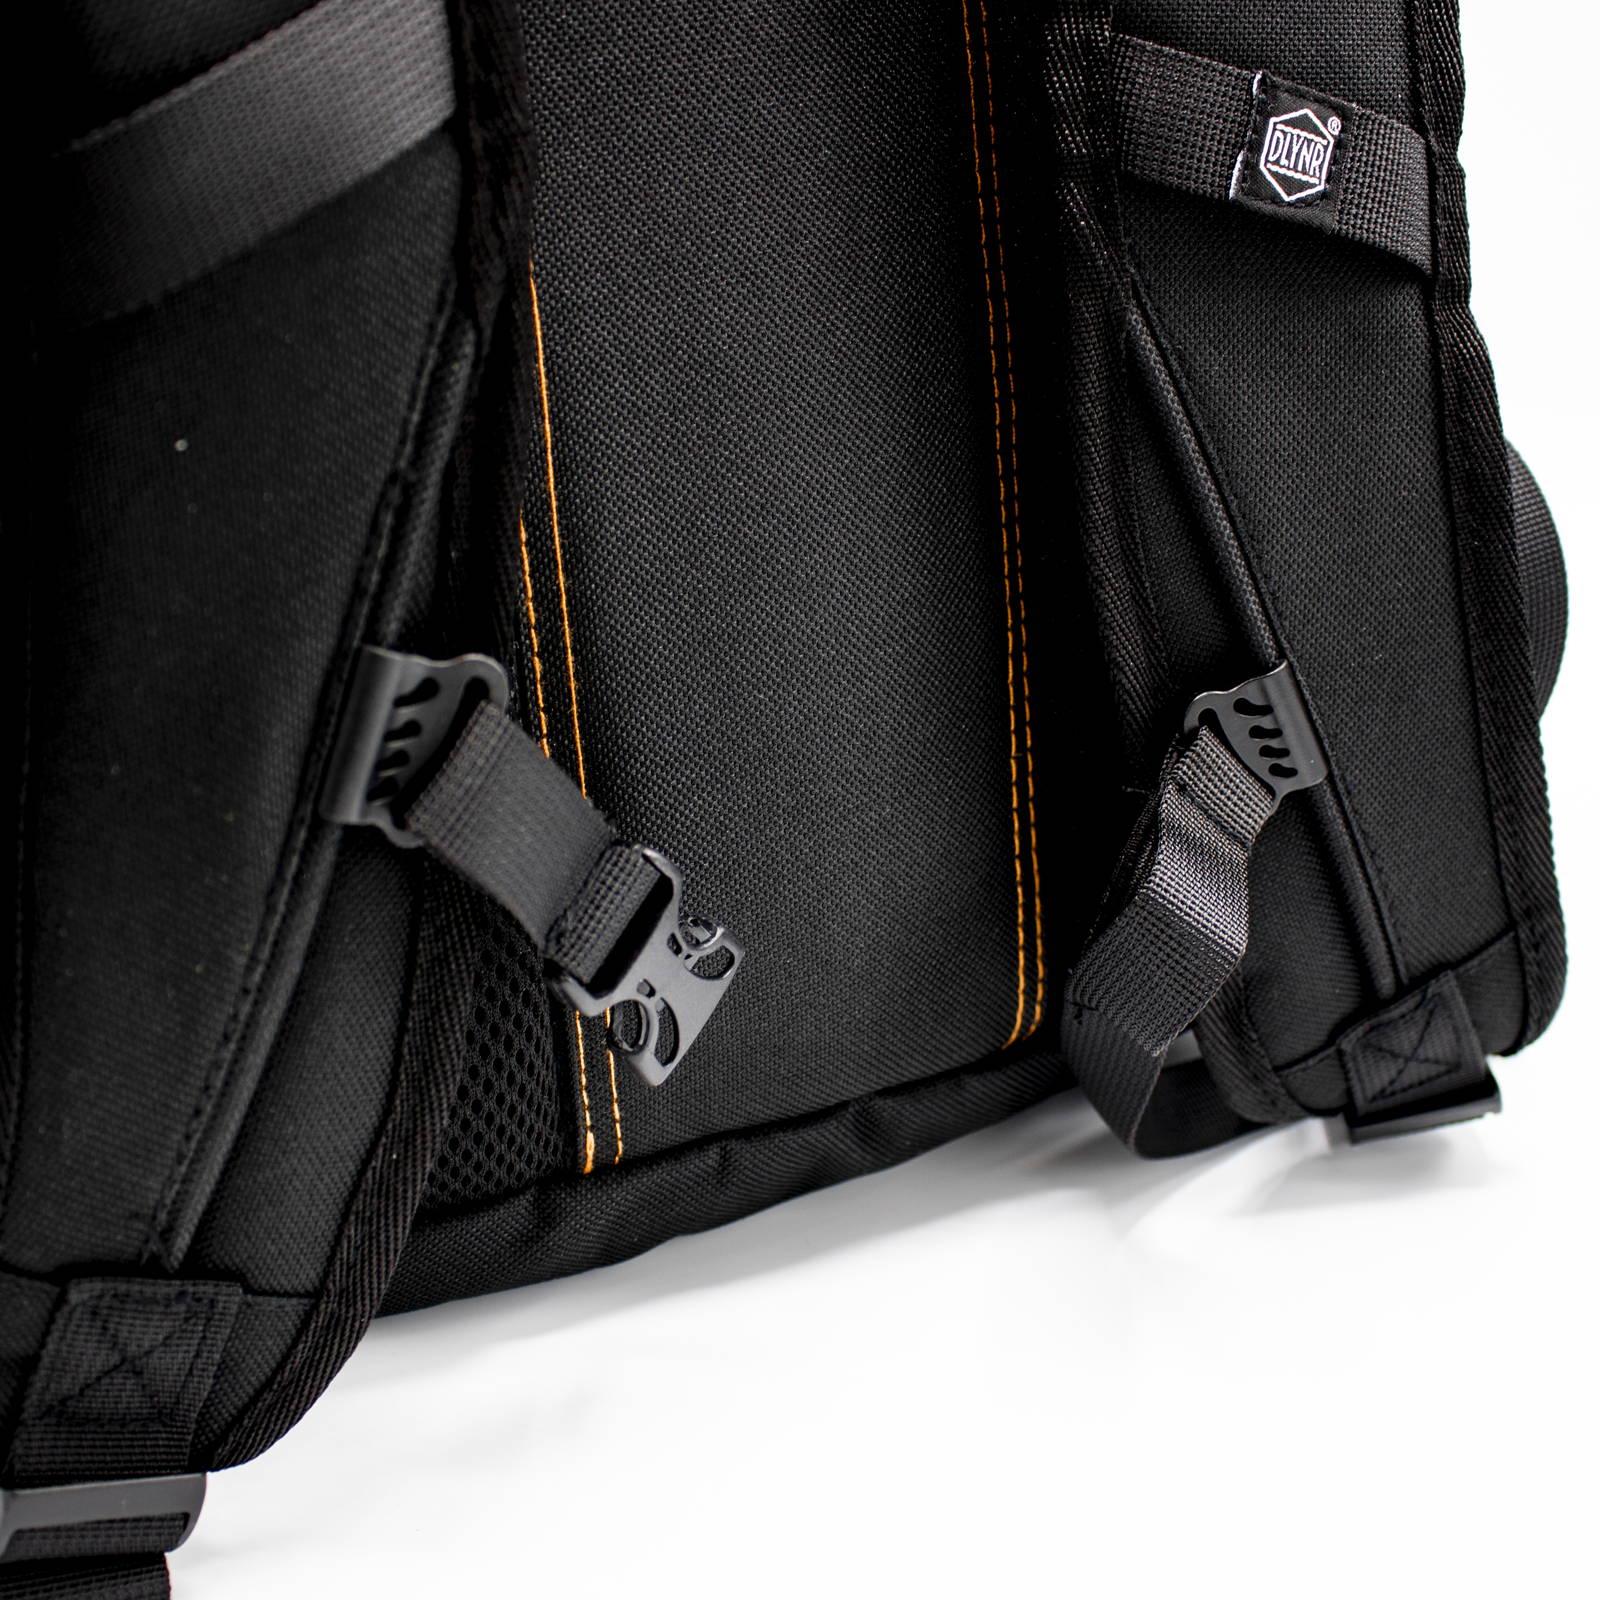 Zaino Shadow Backpack:  - Realizzato in Canvas Nylon 230D - Scomparto interno con tasca per il computer (15'') e tasca in rete portaoggetti - Logo ricamato 3D - Quattro tasche laterali e due frontali - Zip waterproof - Strap porta skateboard con dettagli reflective - Spallaccio ergonomico neck Shape per il massimo del comfort - Schienale imbottito in Air mesh - Stringhe ergonomiche per il petto - Cover Waterproof con dettaglio logo reflective - Altezza 50 cm, Larghezza 32 cm, Profondità 20 cm - CAPIENZA 25 LITRI  Zaini Dolly Noire.